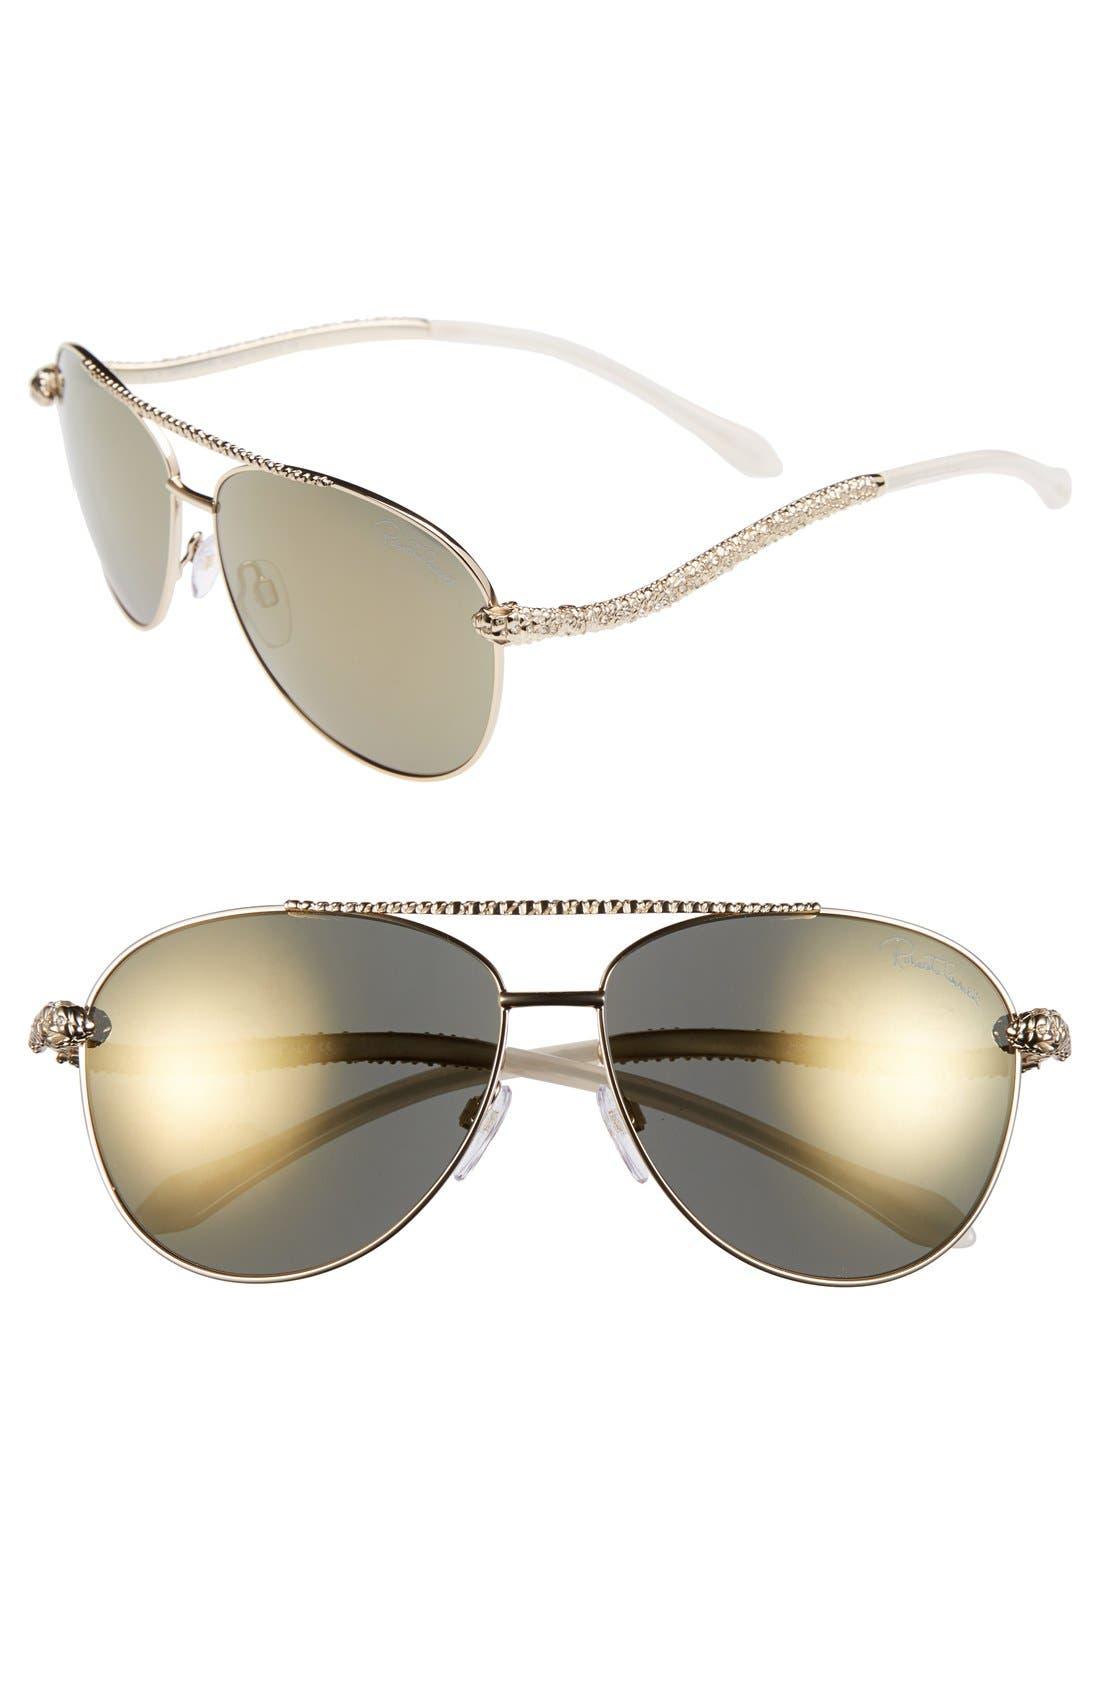 Alternate Image 1 Selected - Roberto Cavalli 'Hoedus' 59mm Snake Temple Aviator Sunglasses